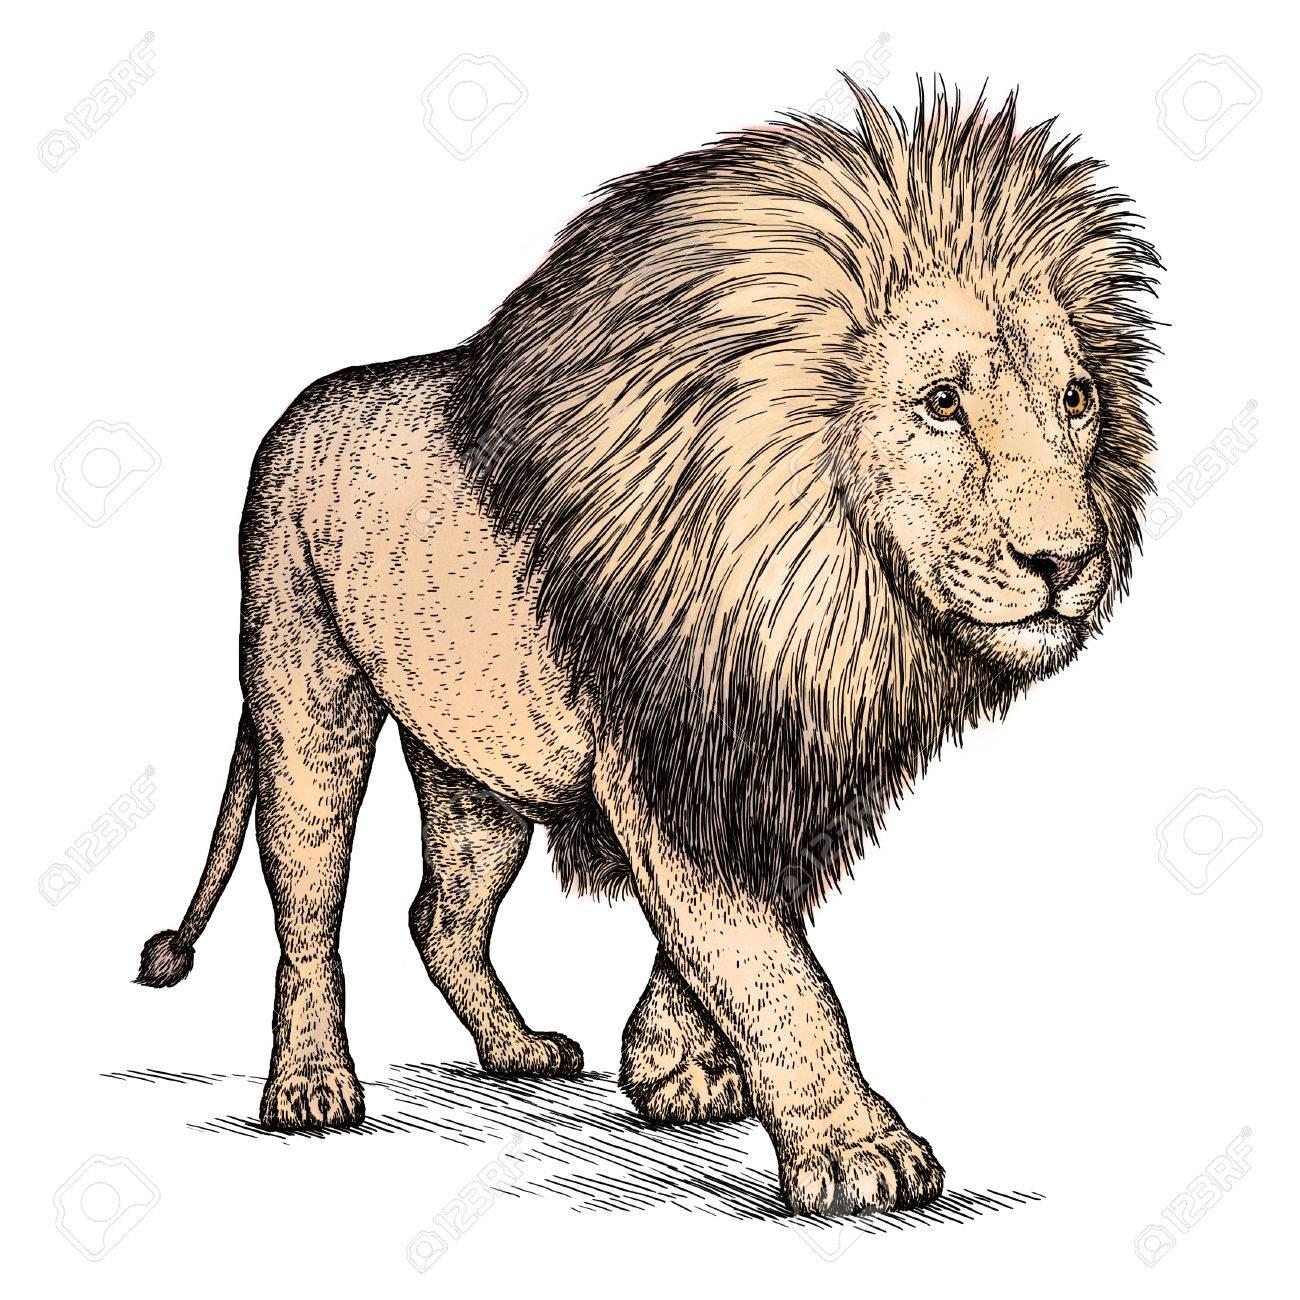 孤立したライオン イラスト スケッチを刻みます線形の芸術 の写真素材